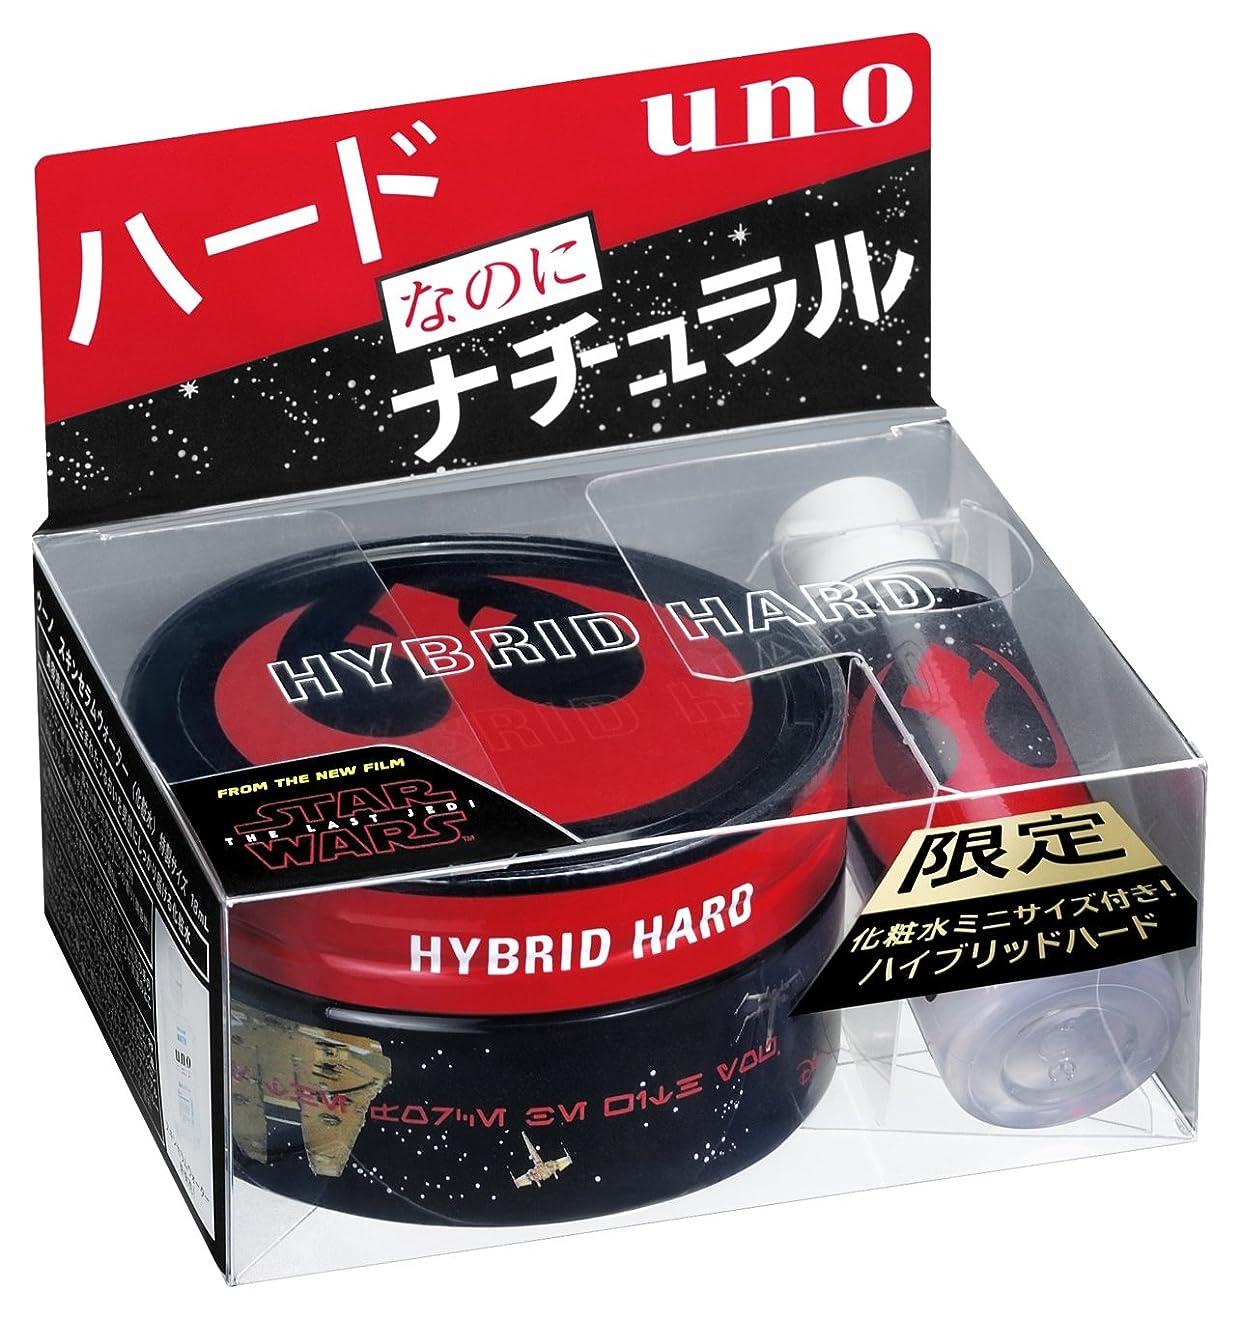 いたずらな安定とても多くのuno(ウーノ) ウーノ ハイブリッドハード ワックス 80g スキンセラムウォーターミニボトル付(スターウォーズEp8)